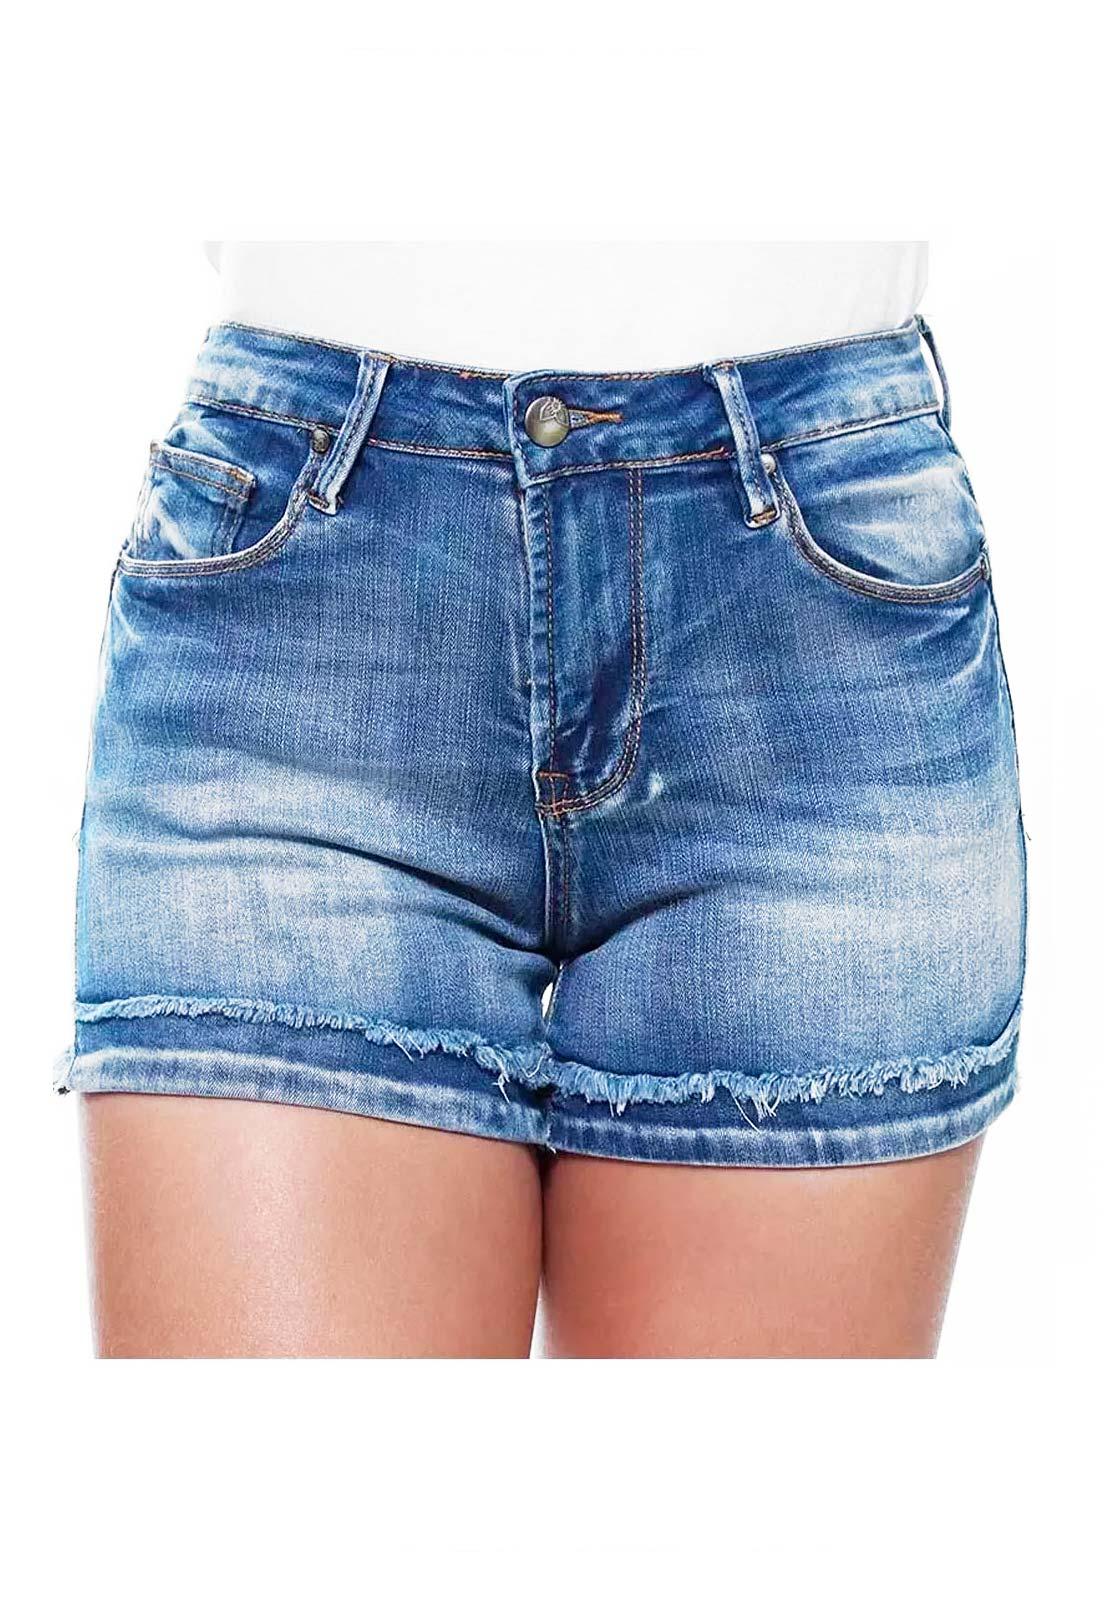 Short Jeans Feminino Curto Barra Desfiada Slim Crocker - 46476